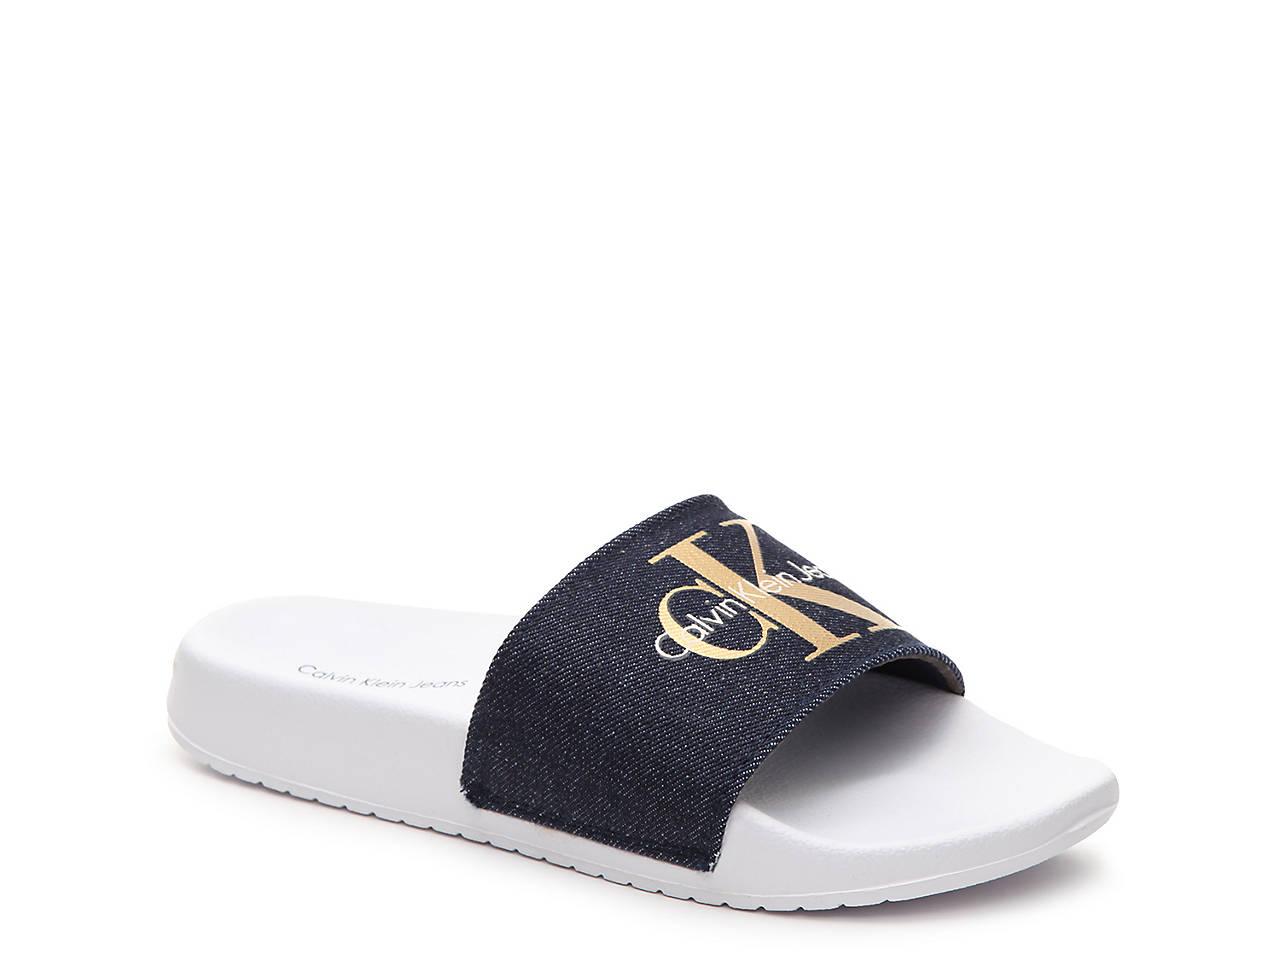 2322d7ce4 Calvin Klein Jeans Chantal Slide Sandal Women's Shoes | DSW